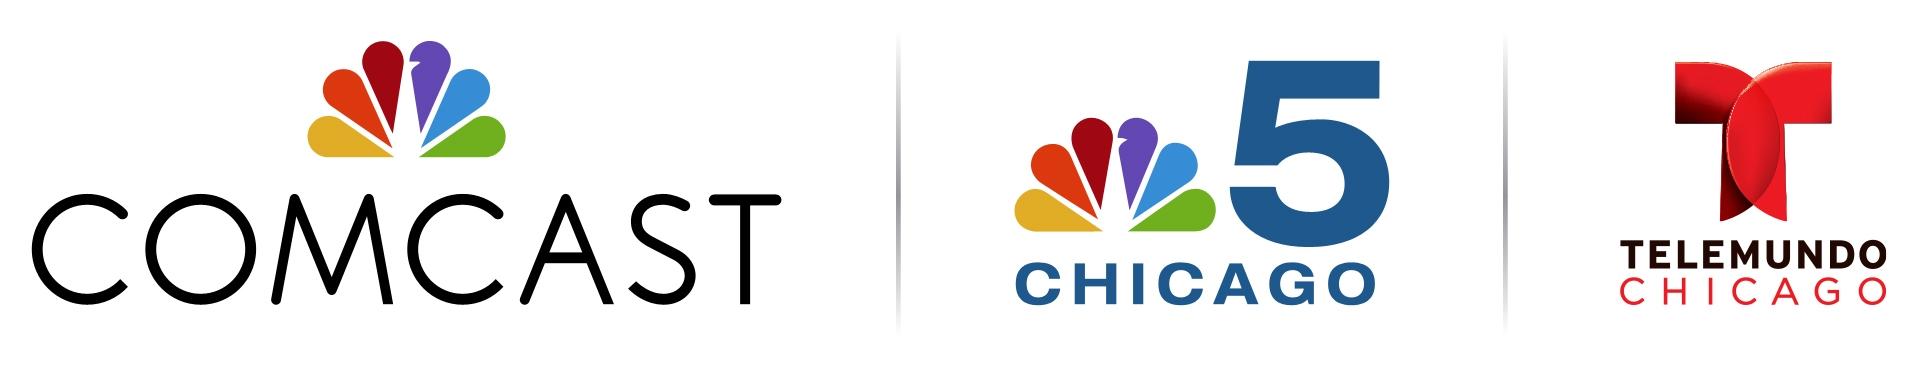 Comcast-NBC-Telemundo-logo.JPG